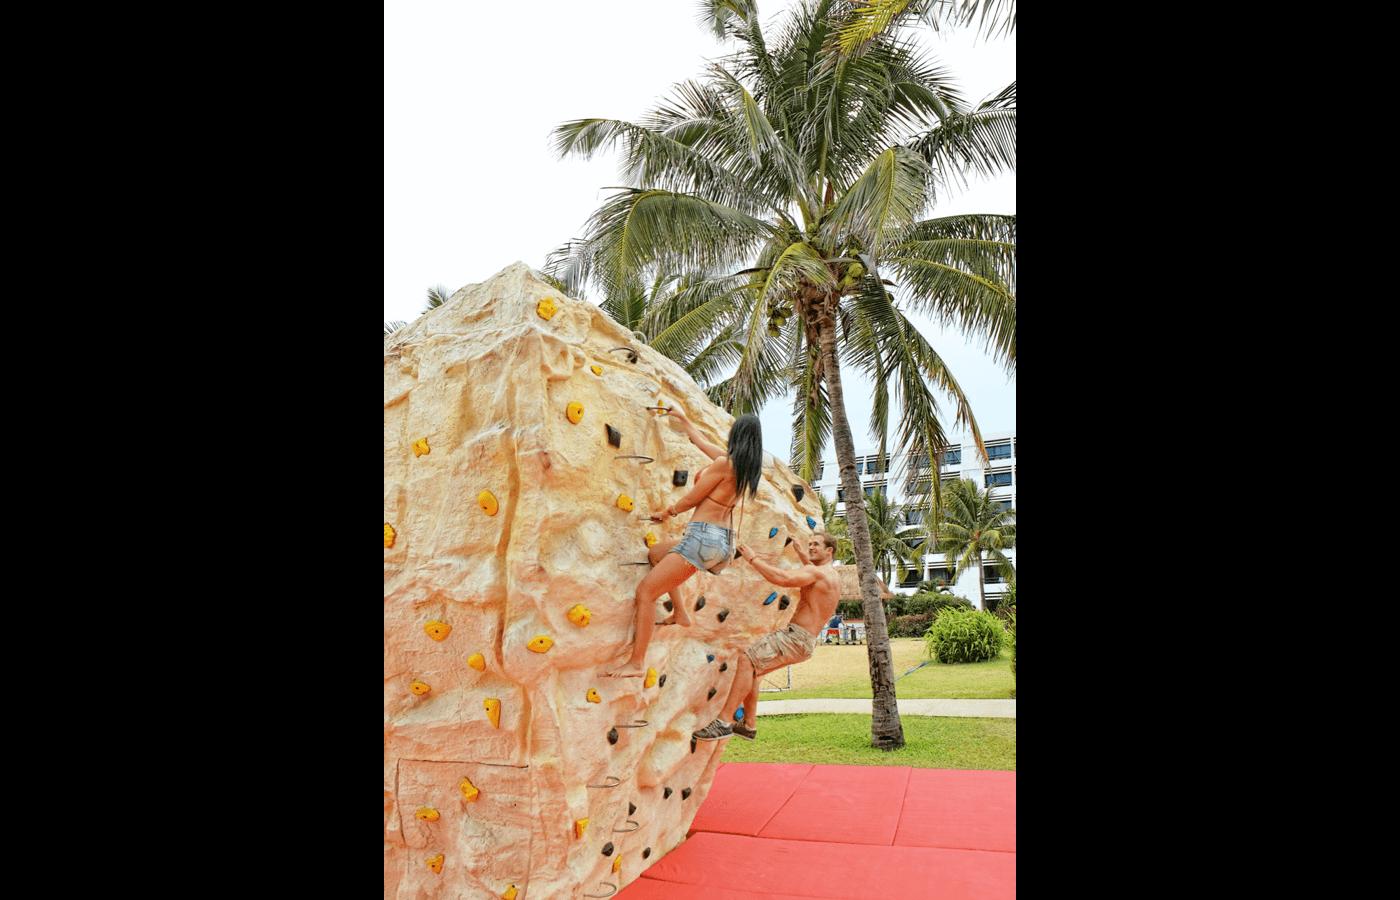 Pareja escalando en pared en Hotel The Pyramid at Grand Cancun